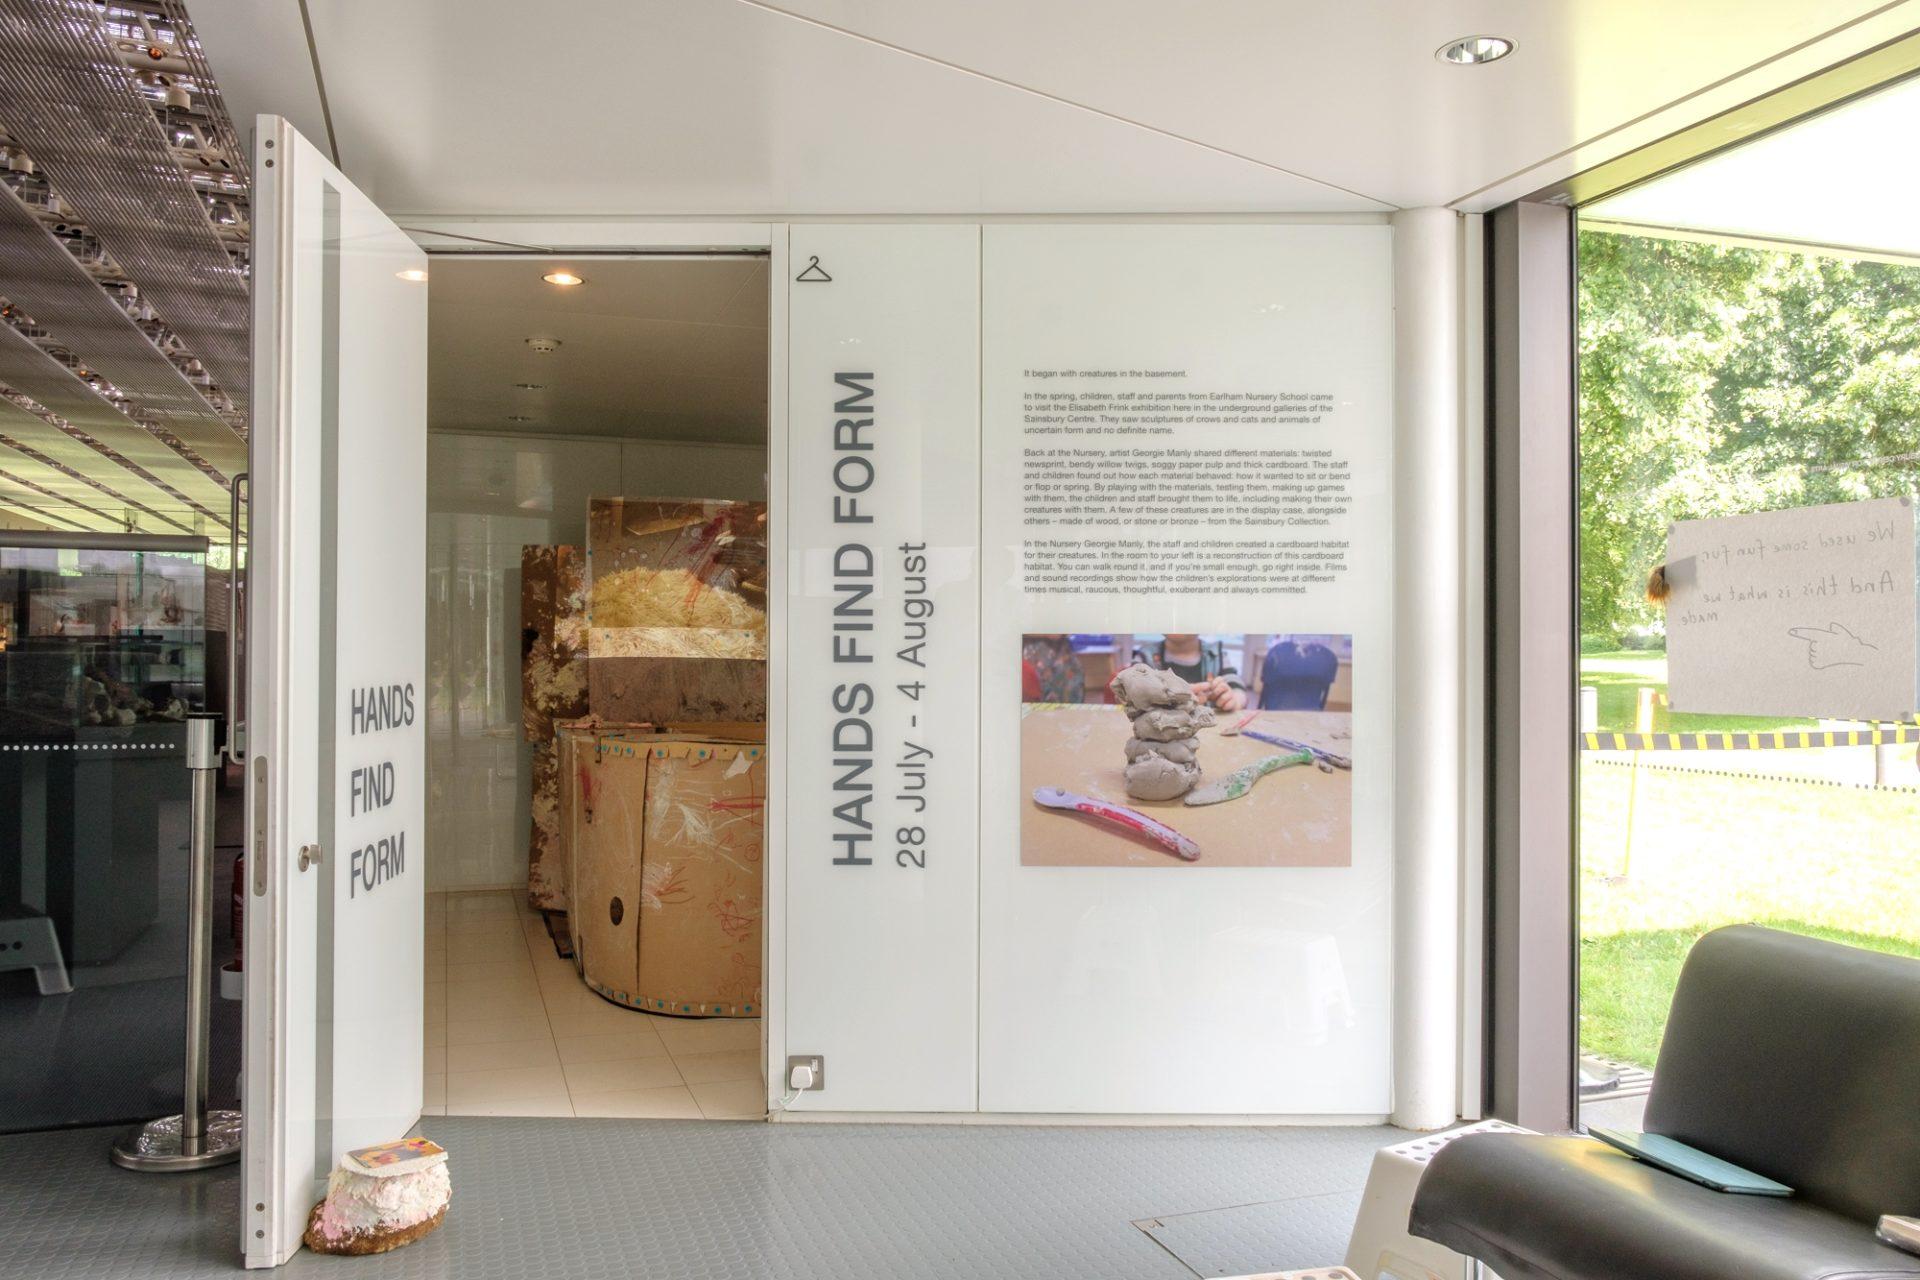 door, wall, vinyl text